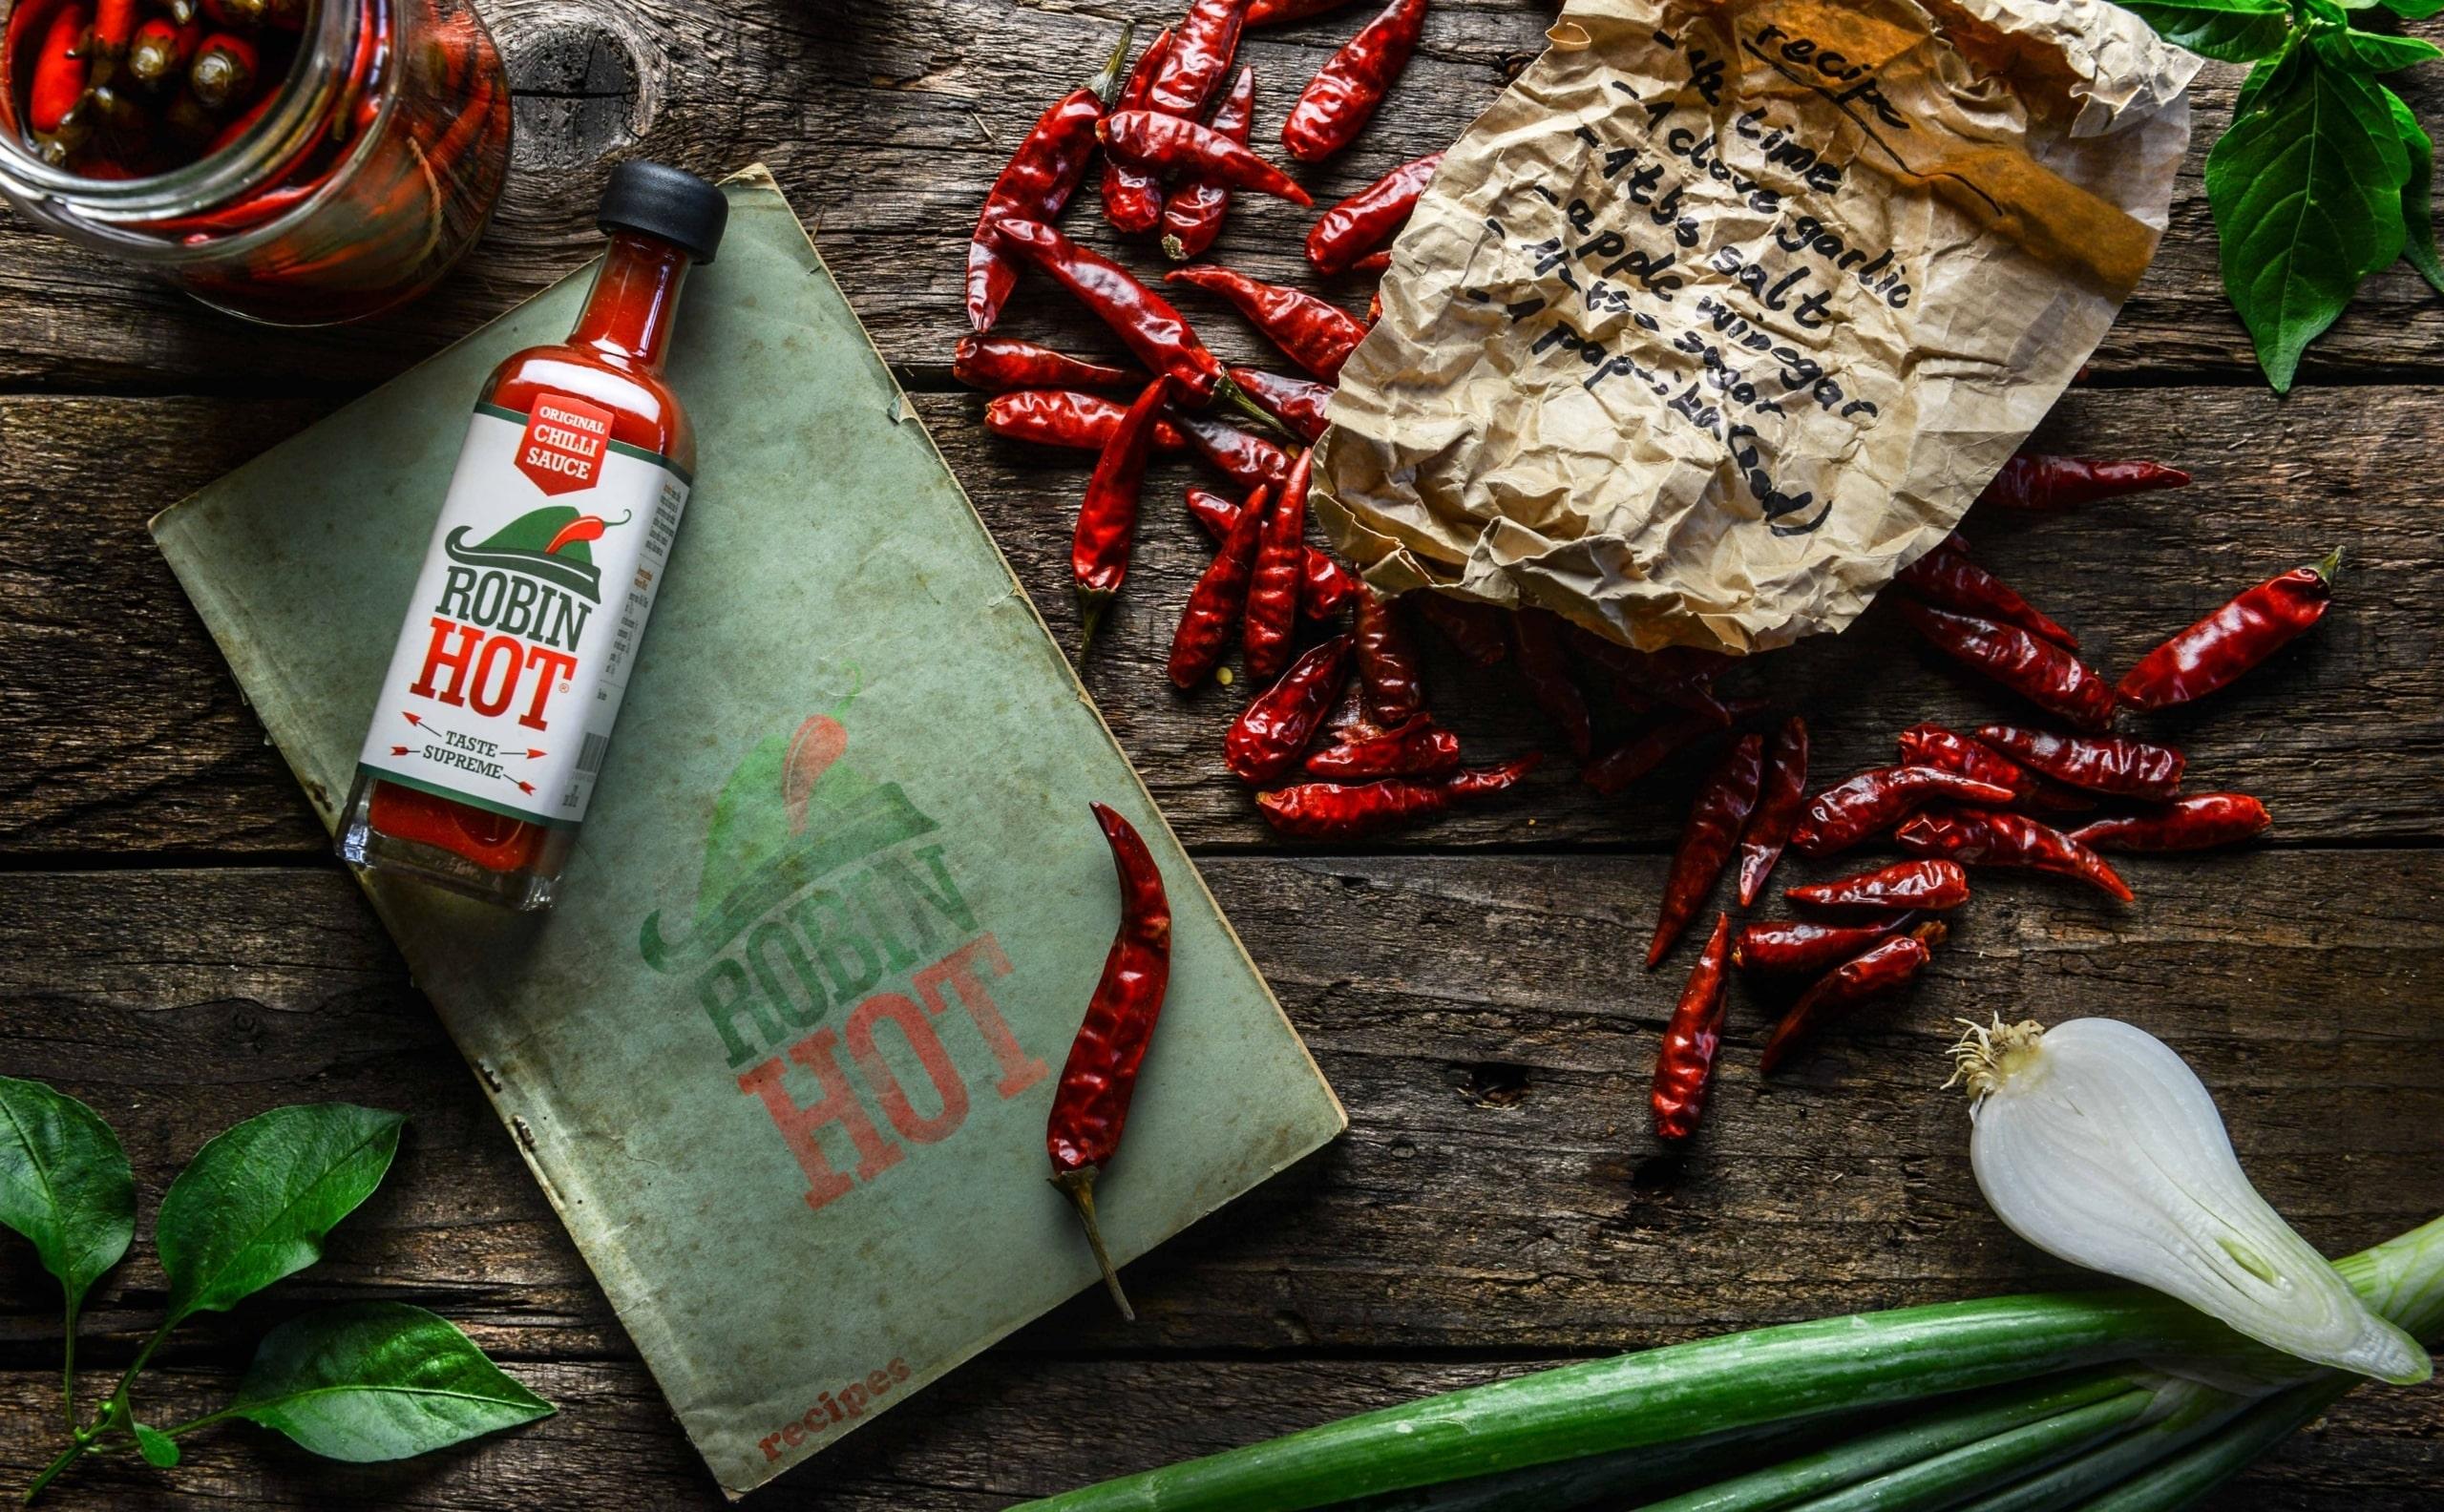 Robin Hot die neue scharfe Chilisauce Schweiz